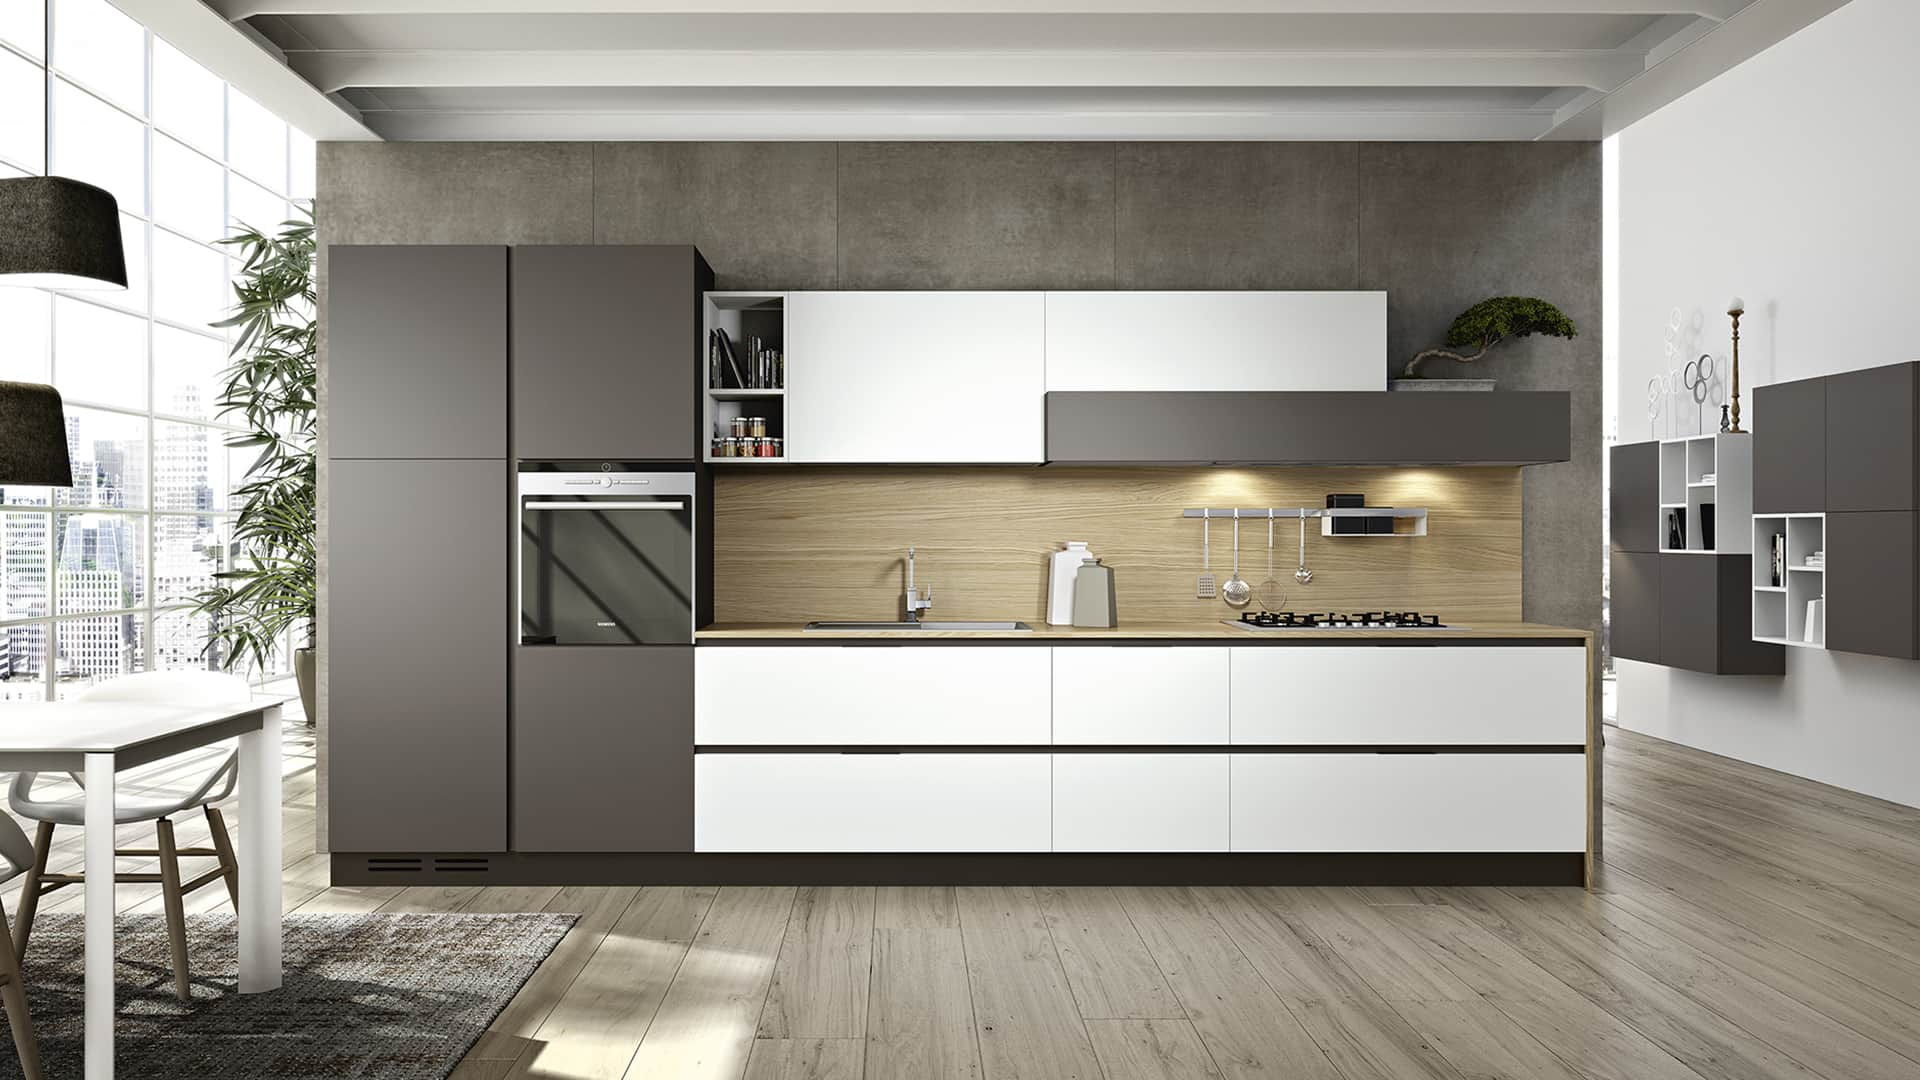 Cucine lineari moderne padova anche in offerta - Cucine in linea moderne ...